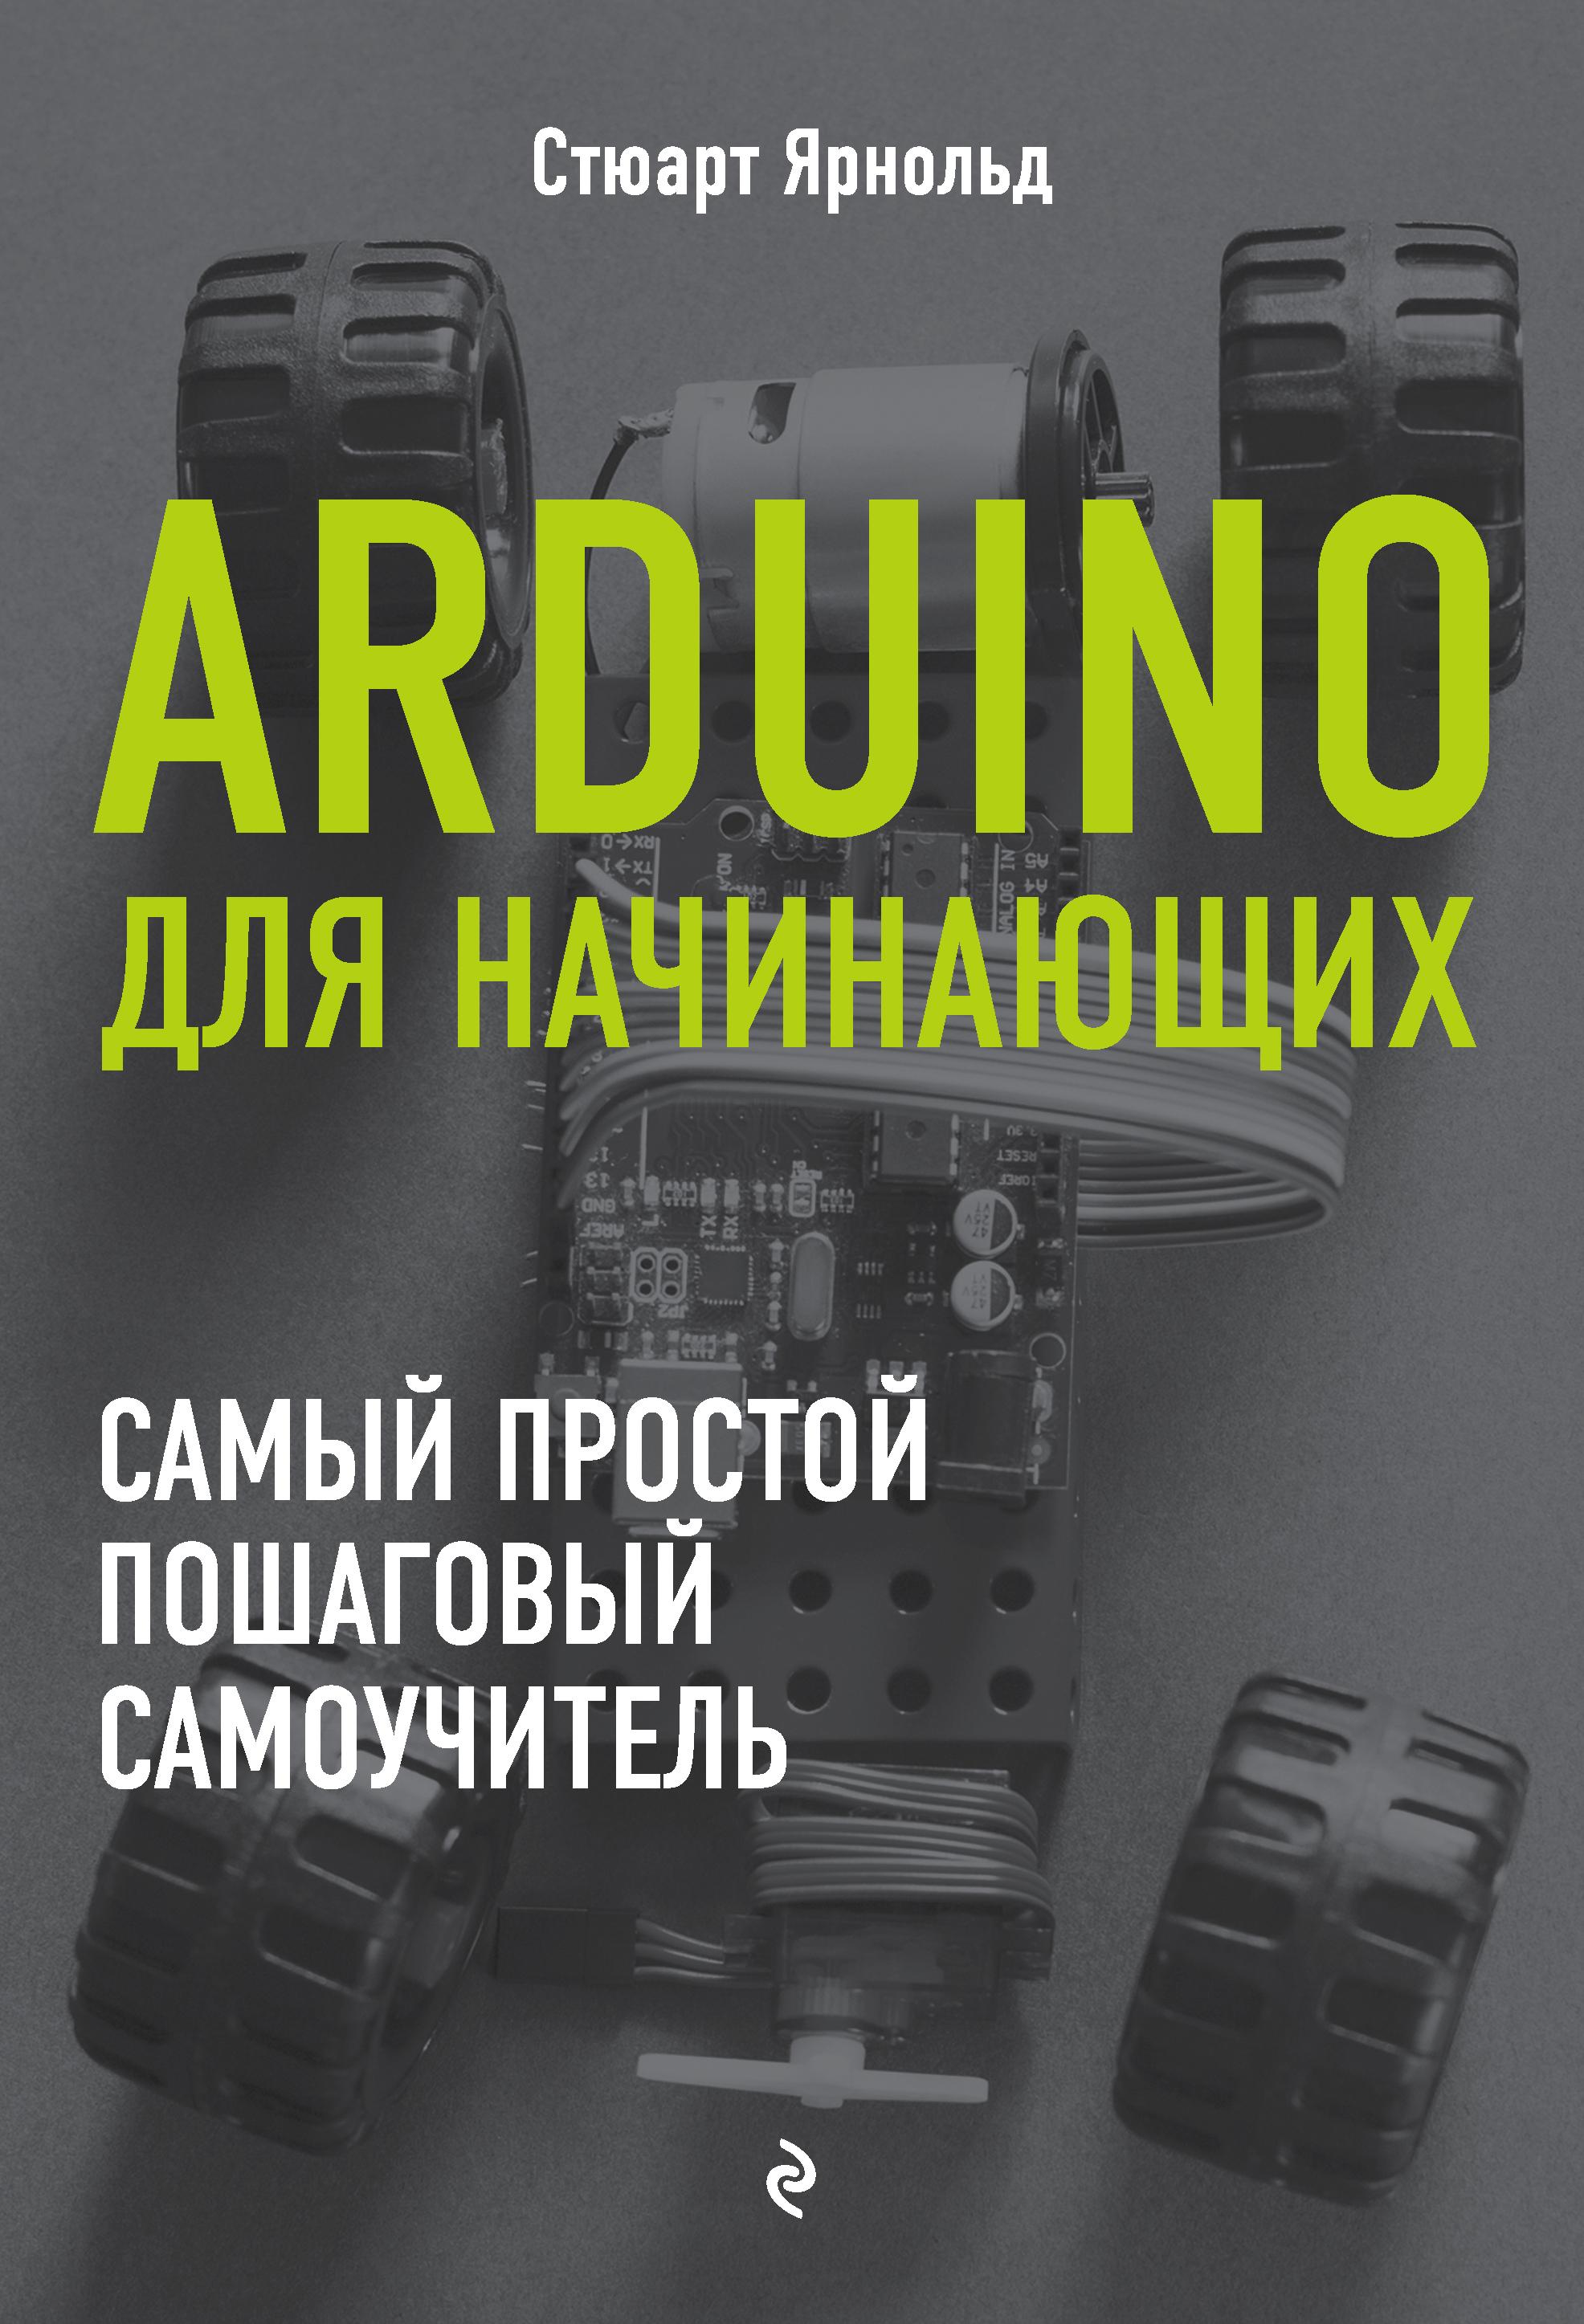 Стюарт Ярнольд Arduino для начинающих. Самый простой пошаговый самоучитель серогодский в дружинин а прокди р и др excel 2013 2 в 1 пошаговый самоучитель справочник пользователя